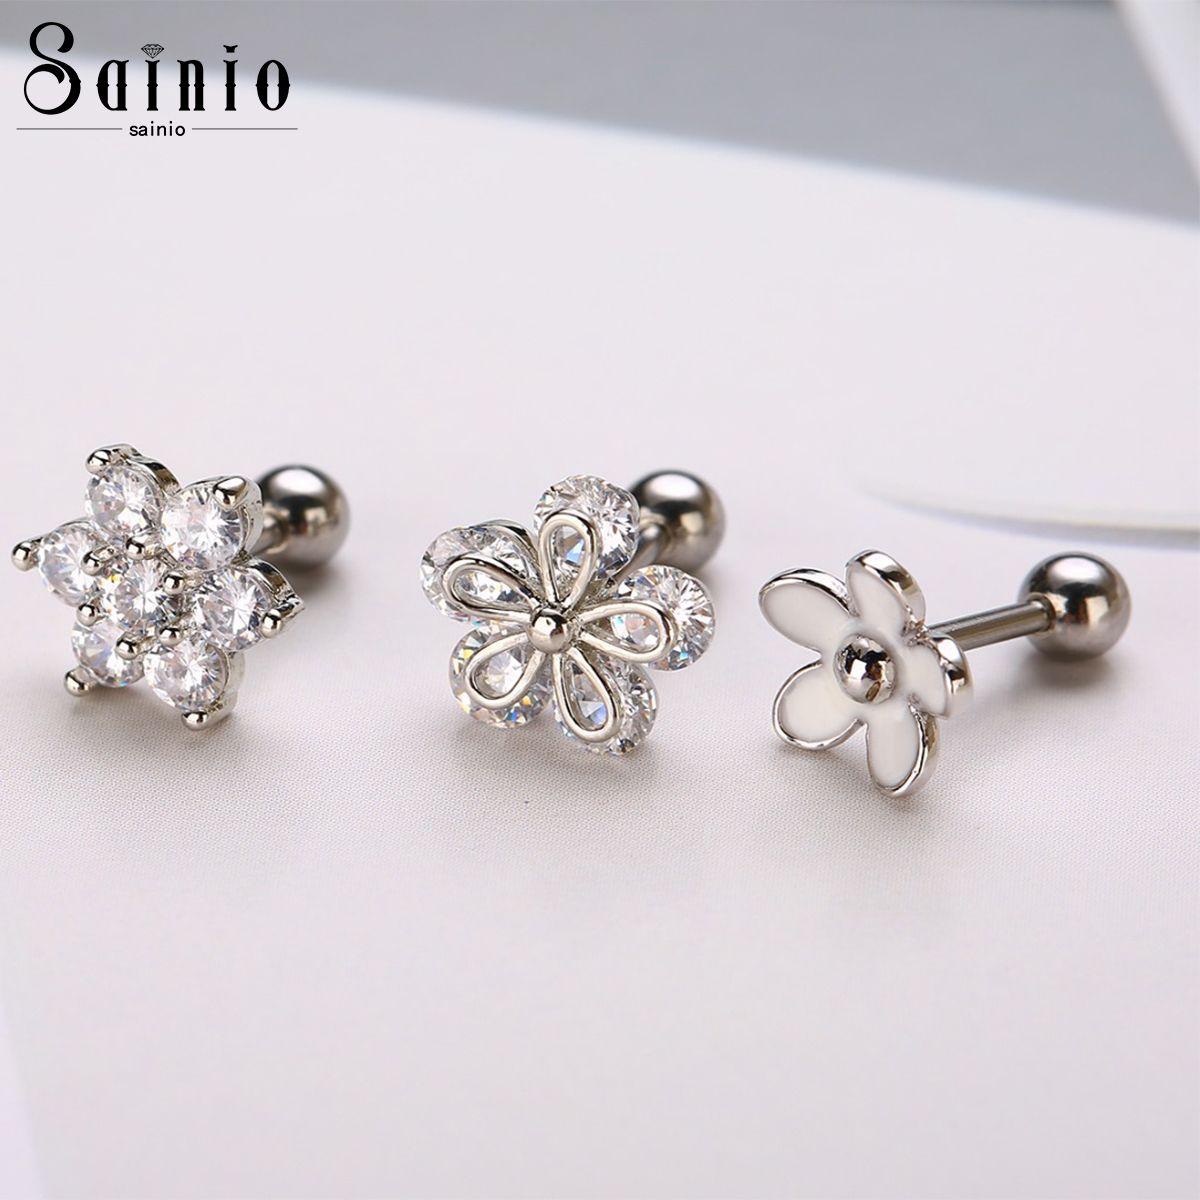 Sainio 3 Pcs CZ Flower Ear Cartilagem Trago Hélice Brincos Prego Barbell Barbell Piercing Cartilagem Anel de Cartilagem para Mulheres Menina 210202